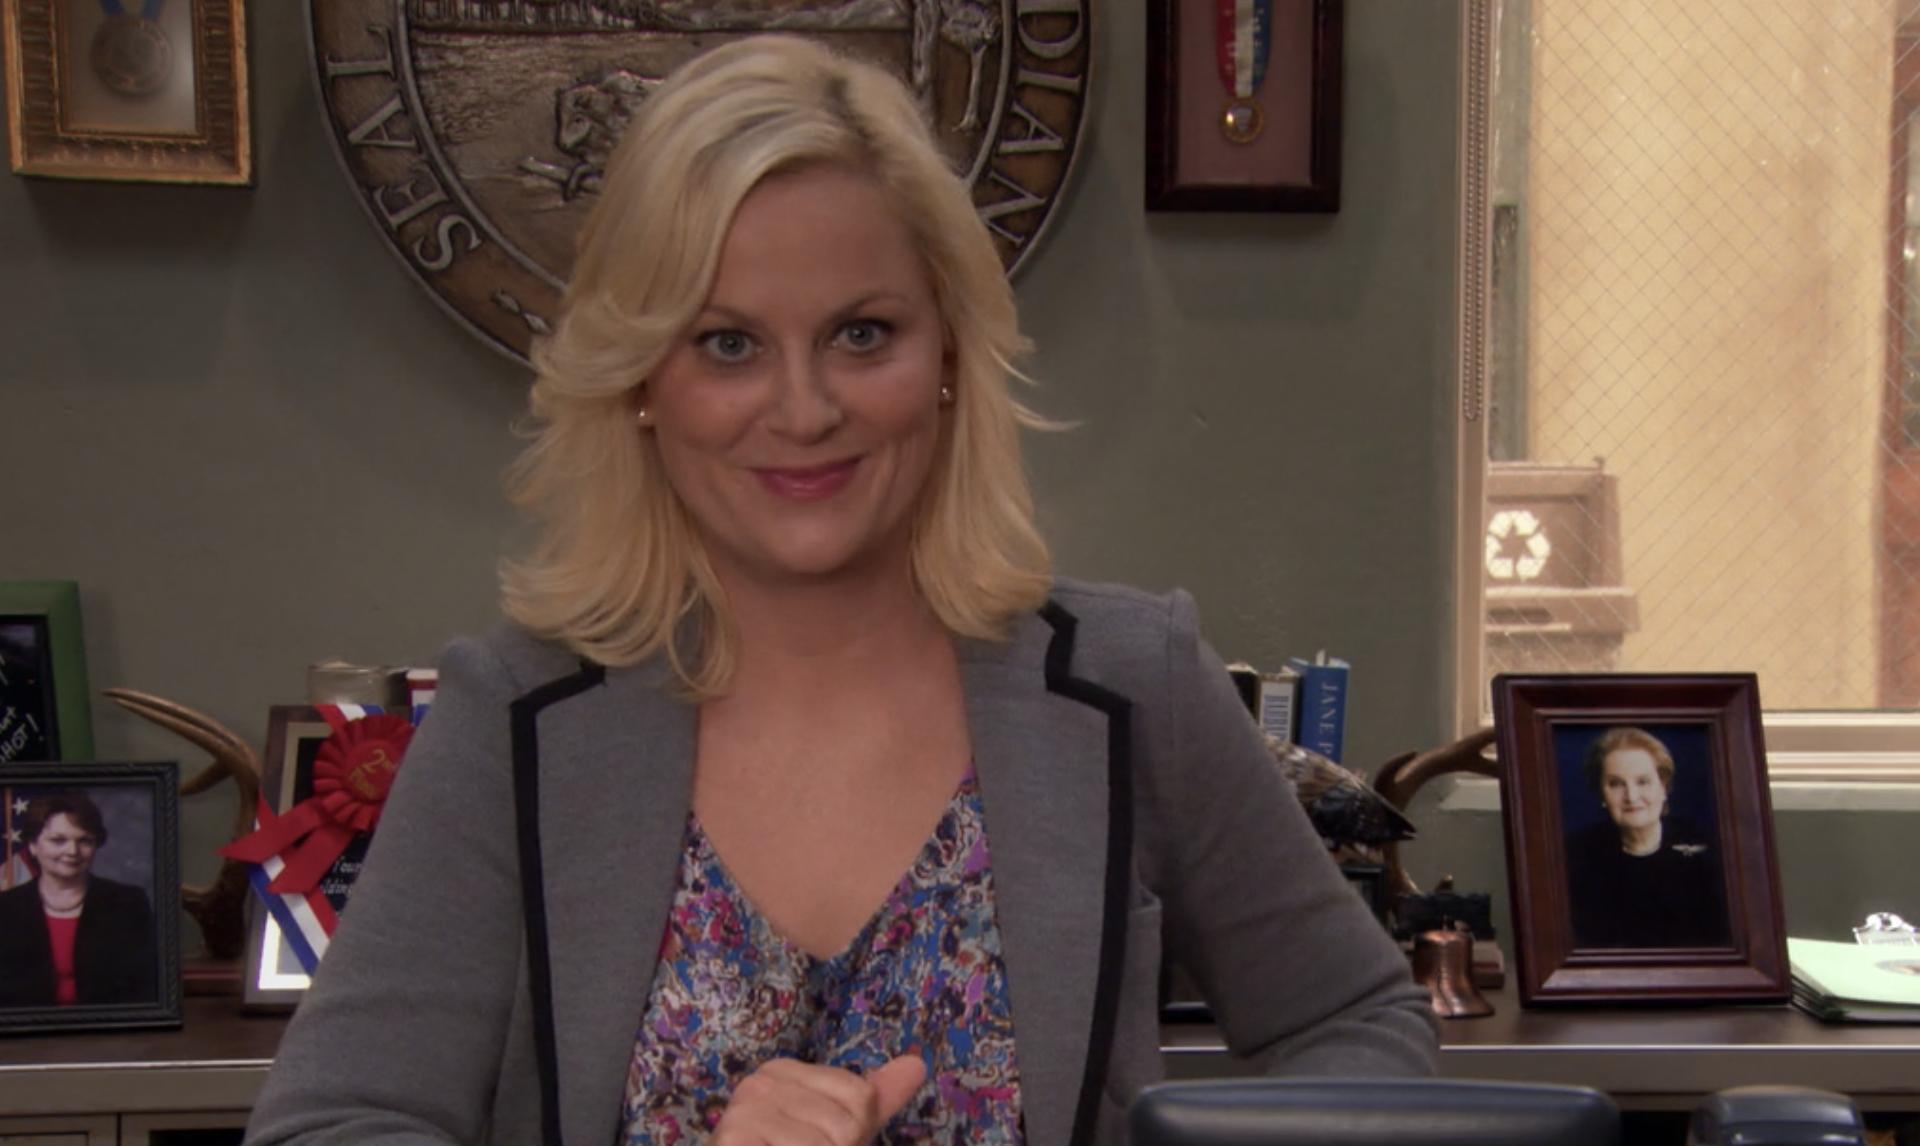 莱斯利在她的办公桌前咧着嘴笑,身后是有权势的女性政治家的照片